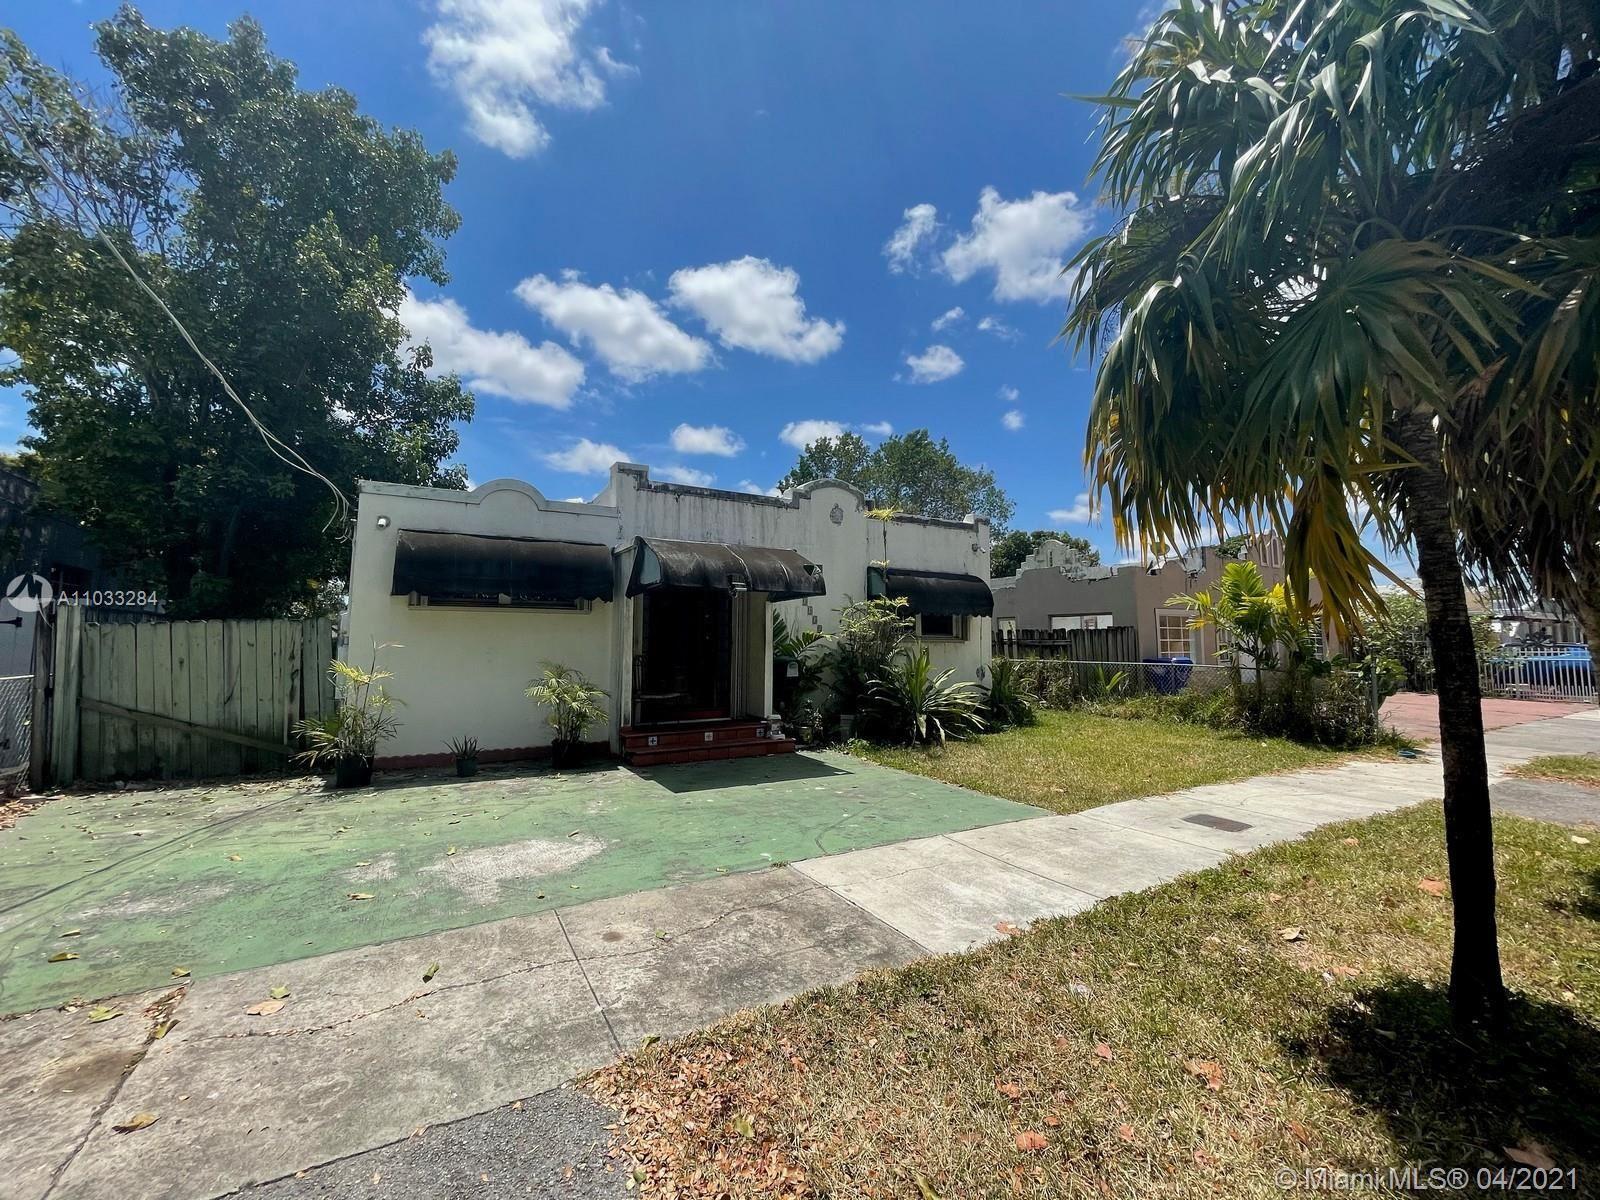 3438 NW 15th St, Miami, FL 33125 - #: A11033284